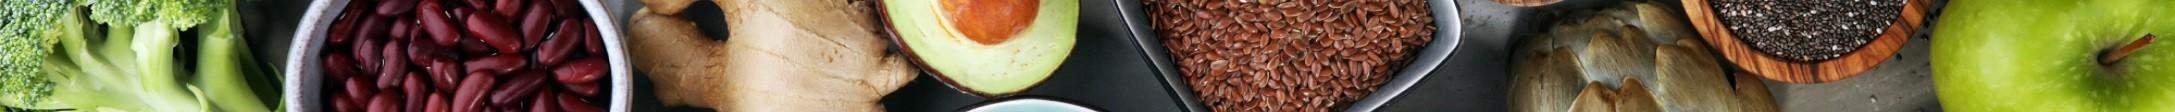 Comprar  productos Derivados Vegetales   Mixtura Gourmet